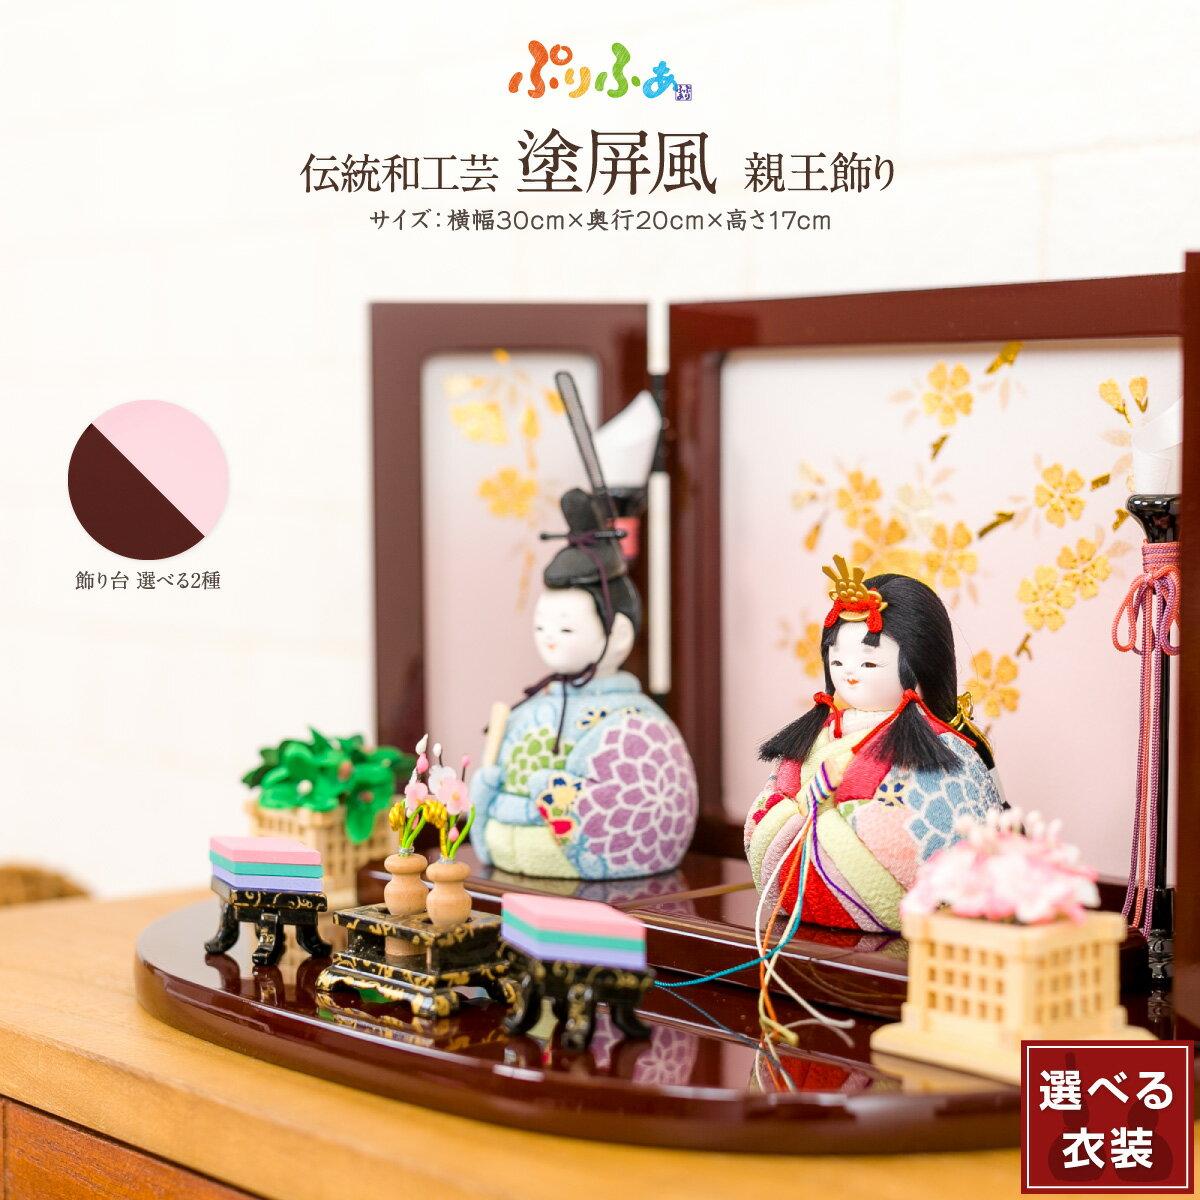 雛人形 コンパクト 小さな お雛様 ぷりふあ 伝統和工芸 塗屏風 インテリア ひな人形 おしゃれ 2019年 選べる16種類